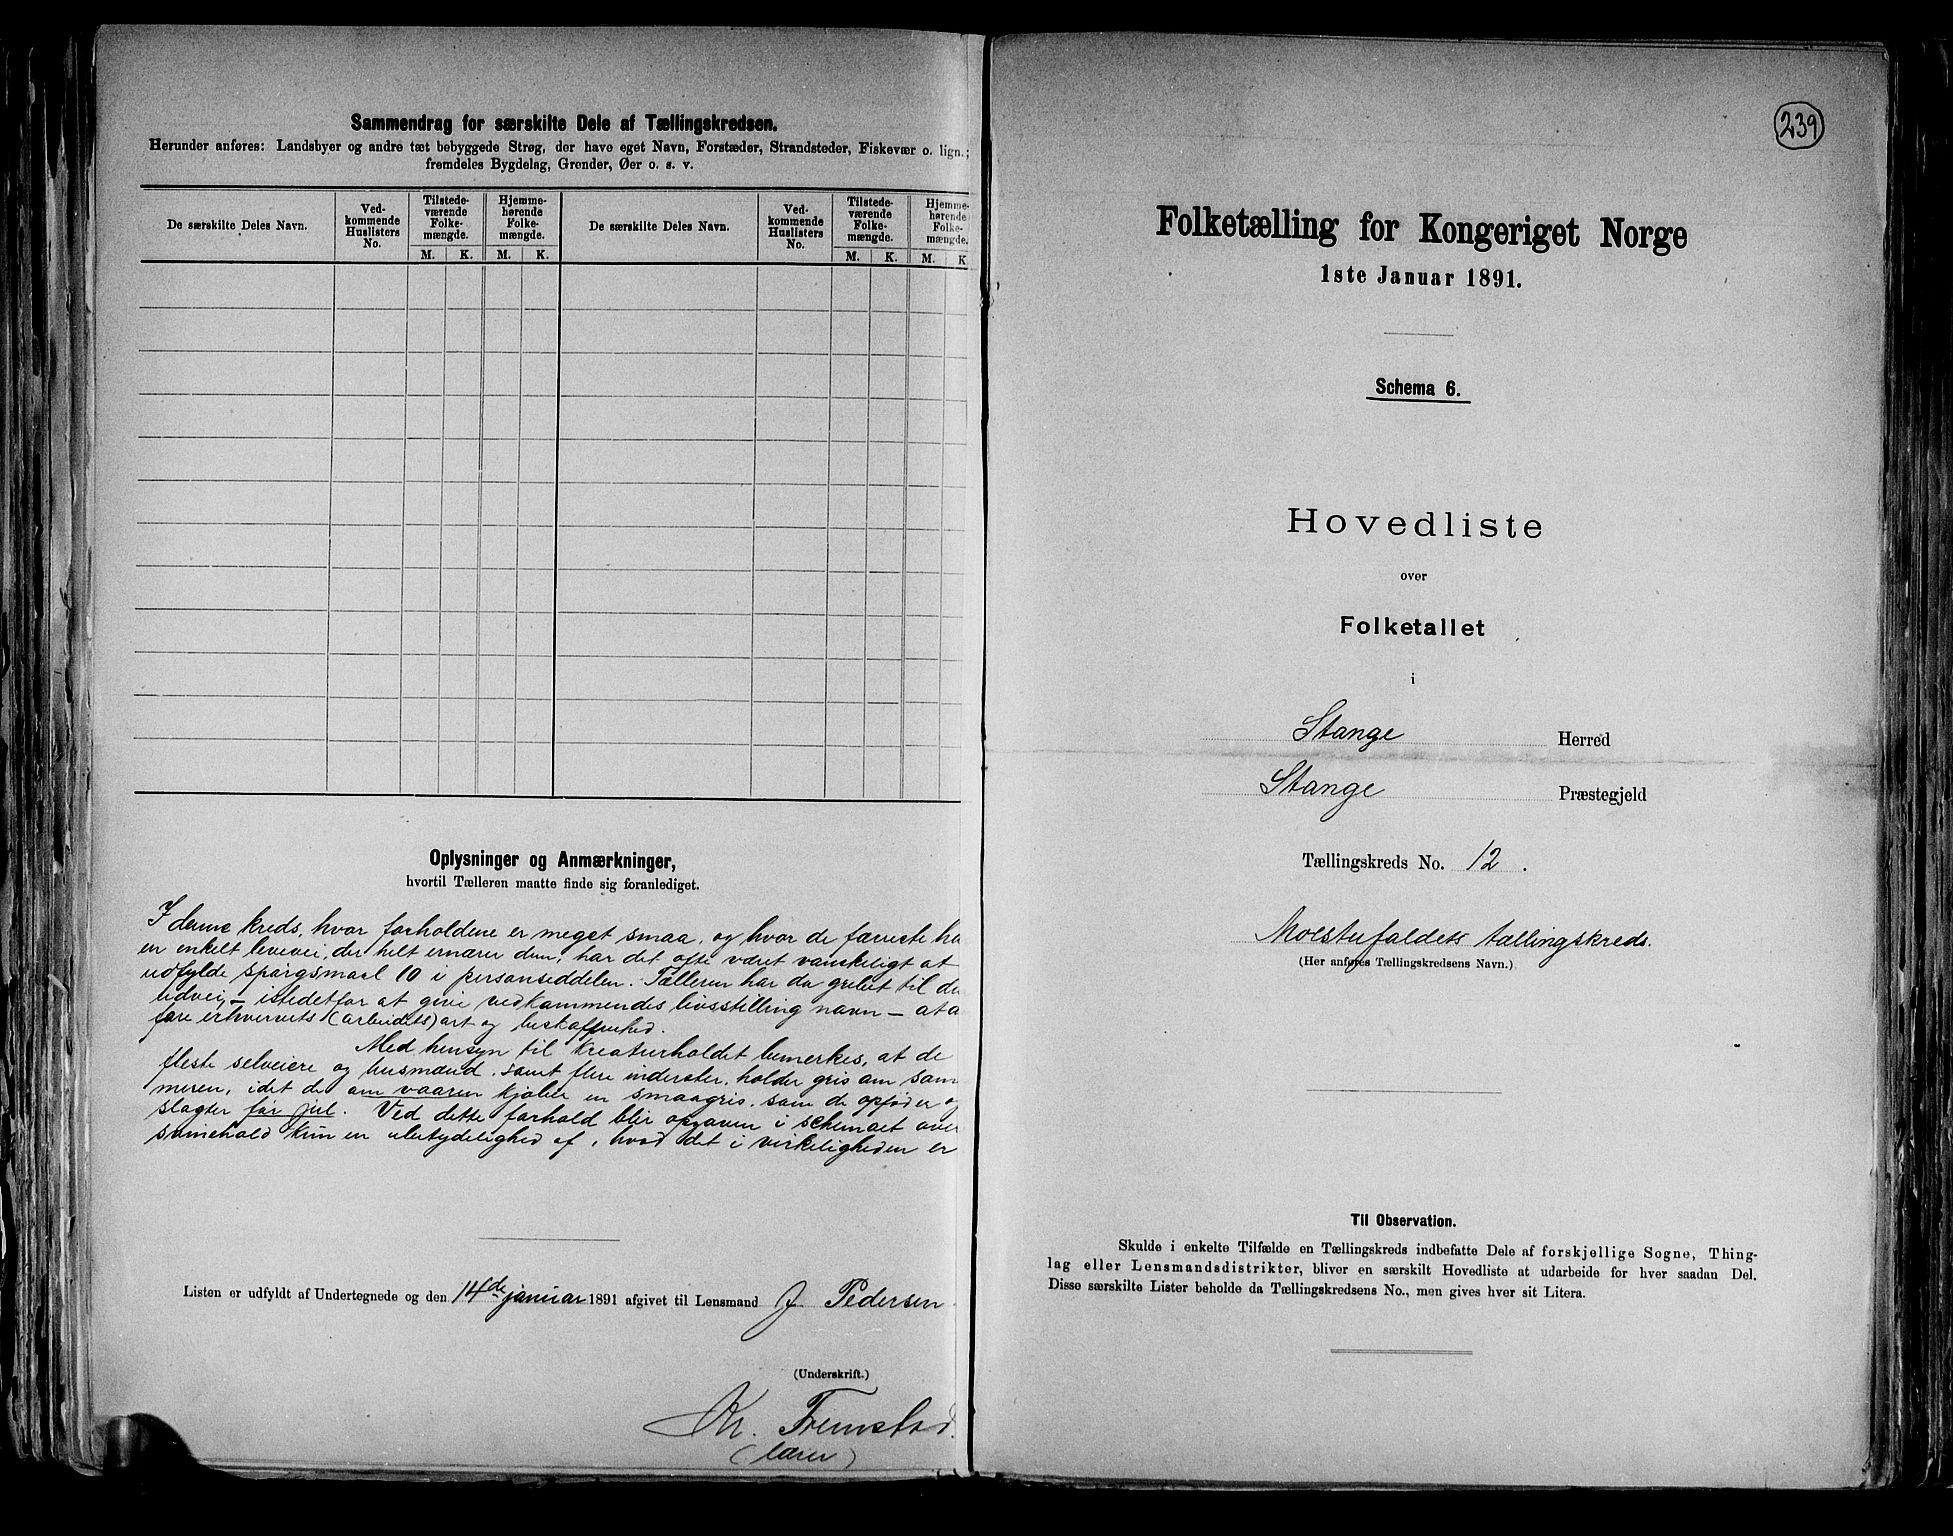 RA, Folketelling 1891 for 0417 Stange herred, 1891, s. 40